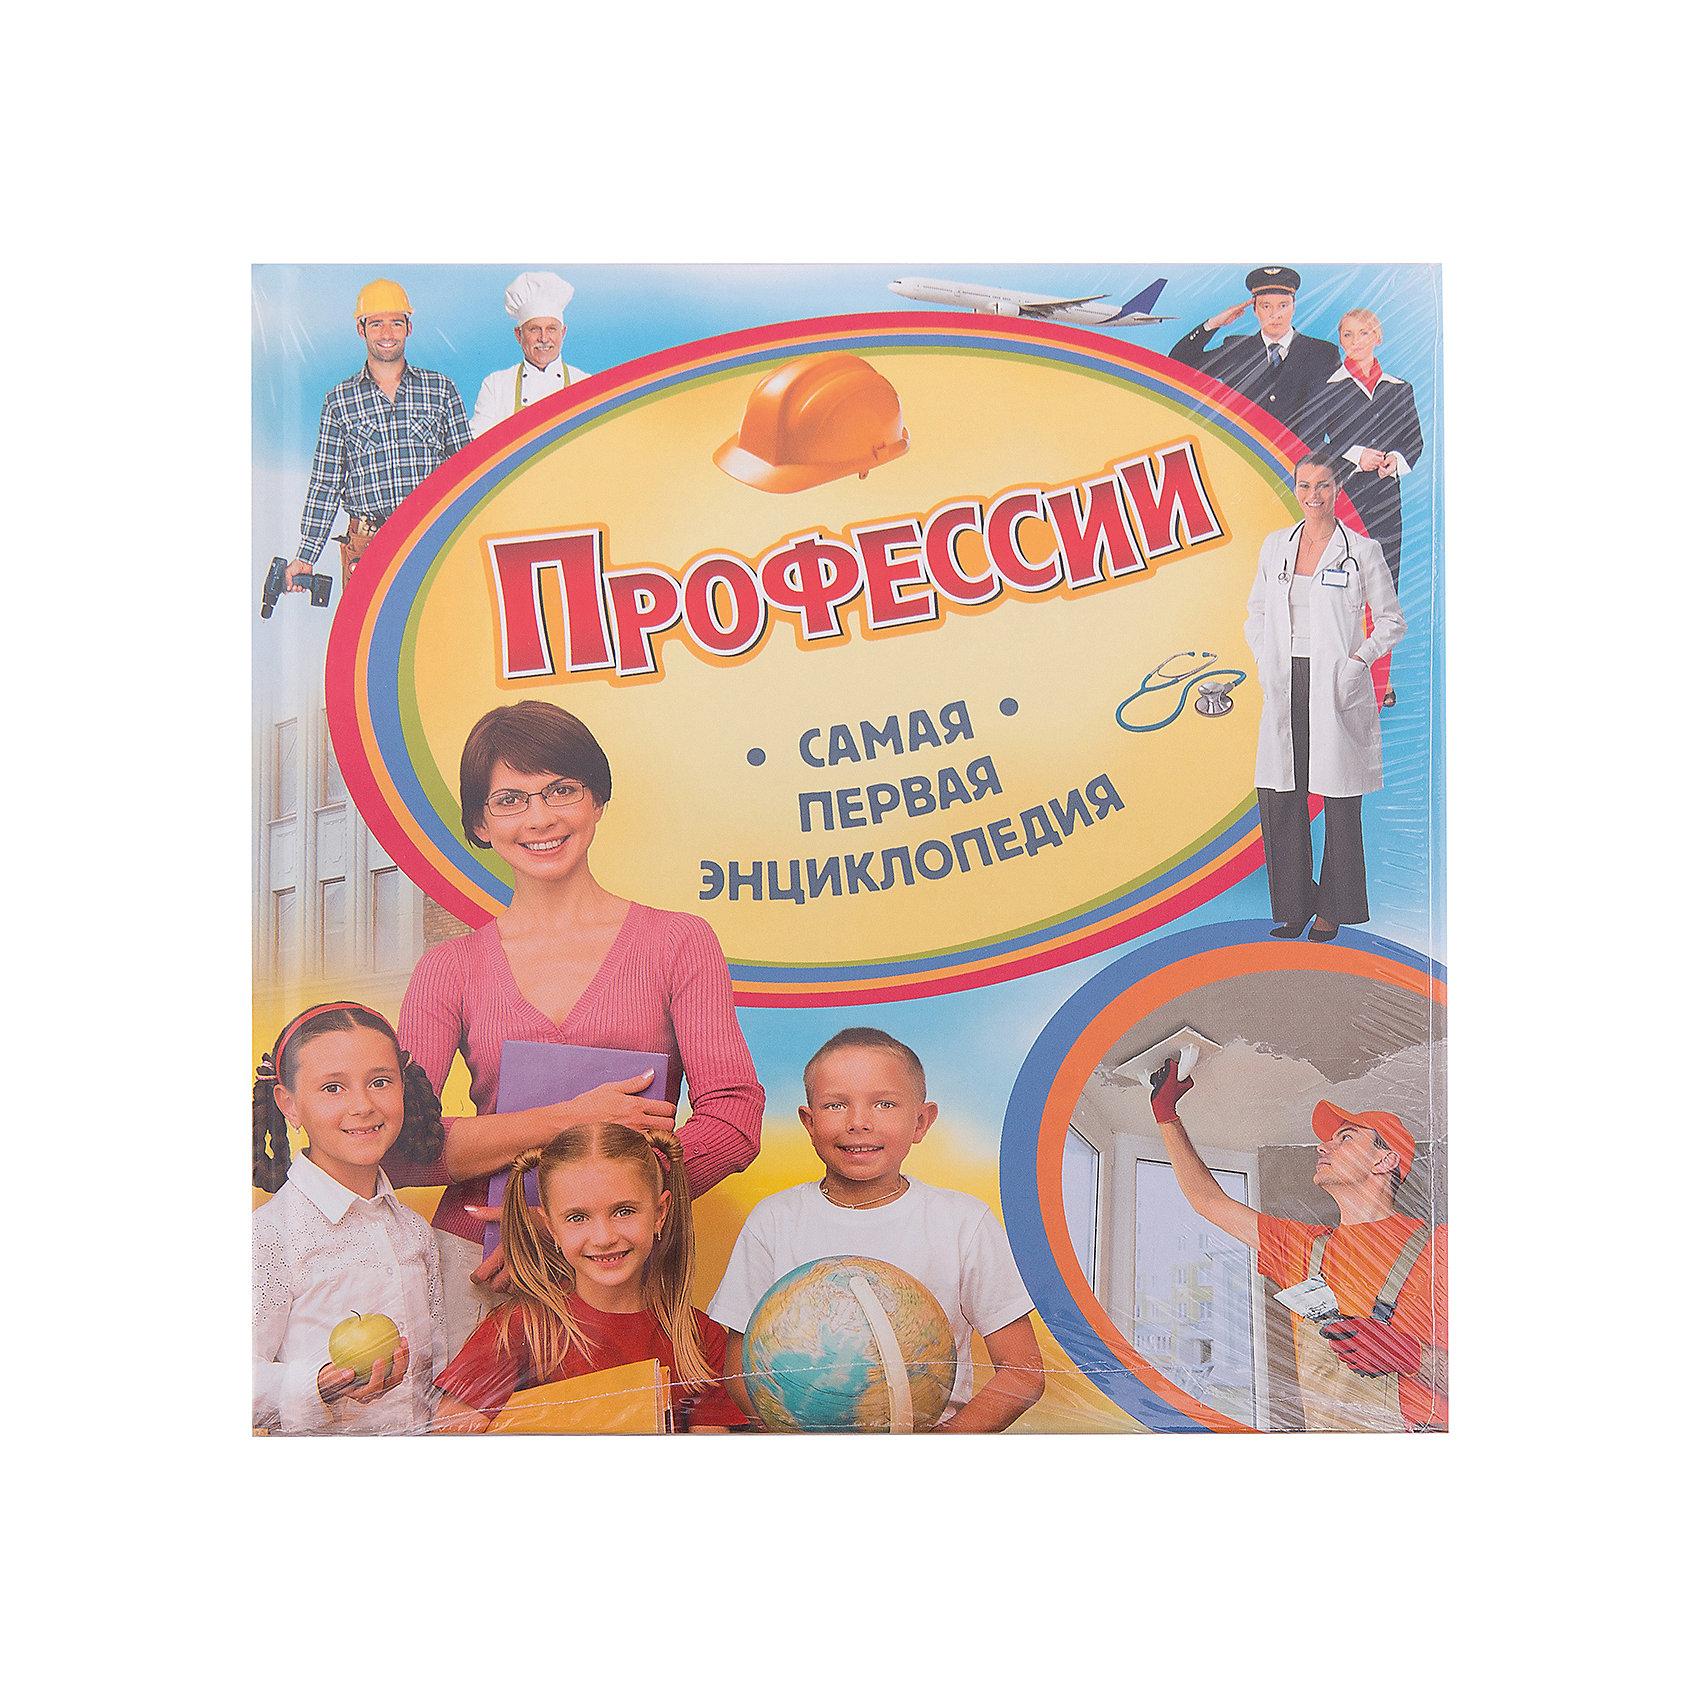 Профессии, Самая первая энциклопедияЭнциклопедии для малышей<br>Характеристики товара:<br><br>- цвет: разноцветный;<br>- материал: бумага;<br>- страниц: 36;<br>- формат: 22 х 23 см;<br>- обложка: твердая;<br>- цветные иллюстрации.<br><br>Эта интересная книга с иллюстрациями станет отличным подарком для ребенка. Она содержит в себе ответы на вопросы, которые интересуют малышей. Всё представлено в очень простой форме! Талантливый иллюстратор дополнил книгу качественными рисунками, которые помогают ребенку понять суть многих вещей в нашем мире. Удивительные и интересные факты помогут привить любовь к учебе!<br>Чтение - отличный способ активизации мышления, оно помогает ребенку развивать зрительную память, концентрацию внимания и воображение. Издание произведено из качественных материалов, которые безопасны даже для самых маленьких.<br><br>Книгу Профессии, Самая первая энциклопедия от компании Росмэн можно купить в нашем интернет-магазине.<br><br>Ширина мм: 225<br>Глубина мм: 225<br>Высота мм: 7<br>Вес г: 302<br>Возраст от месяцев: 36<br>Возраст до месяцев: 72<br>Пол: Унисекс<br>Возраст: Детский<br>SKU: 5109965